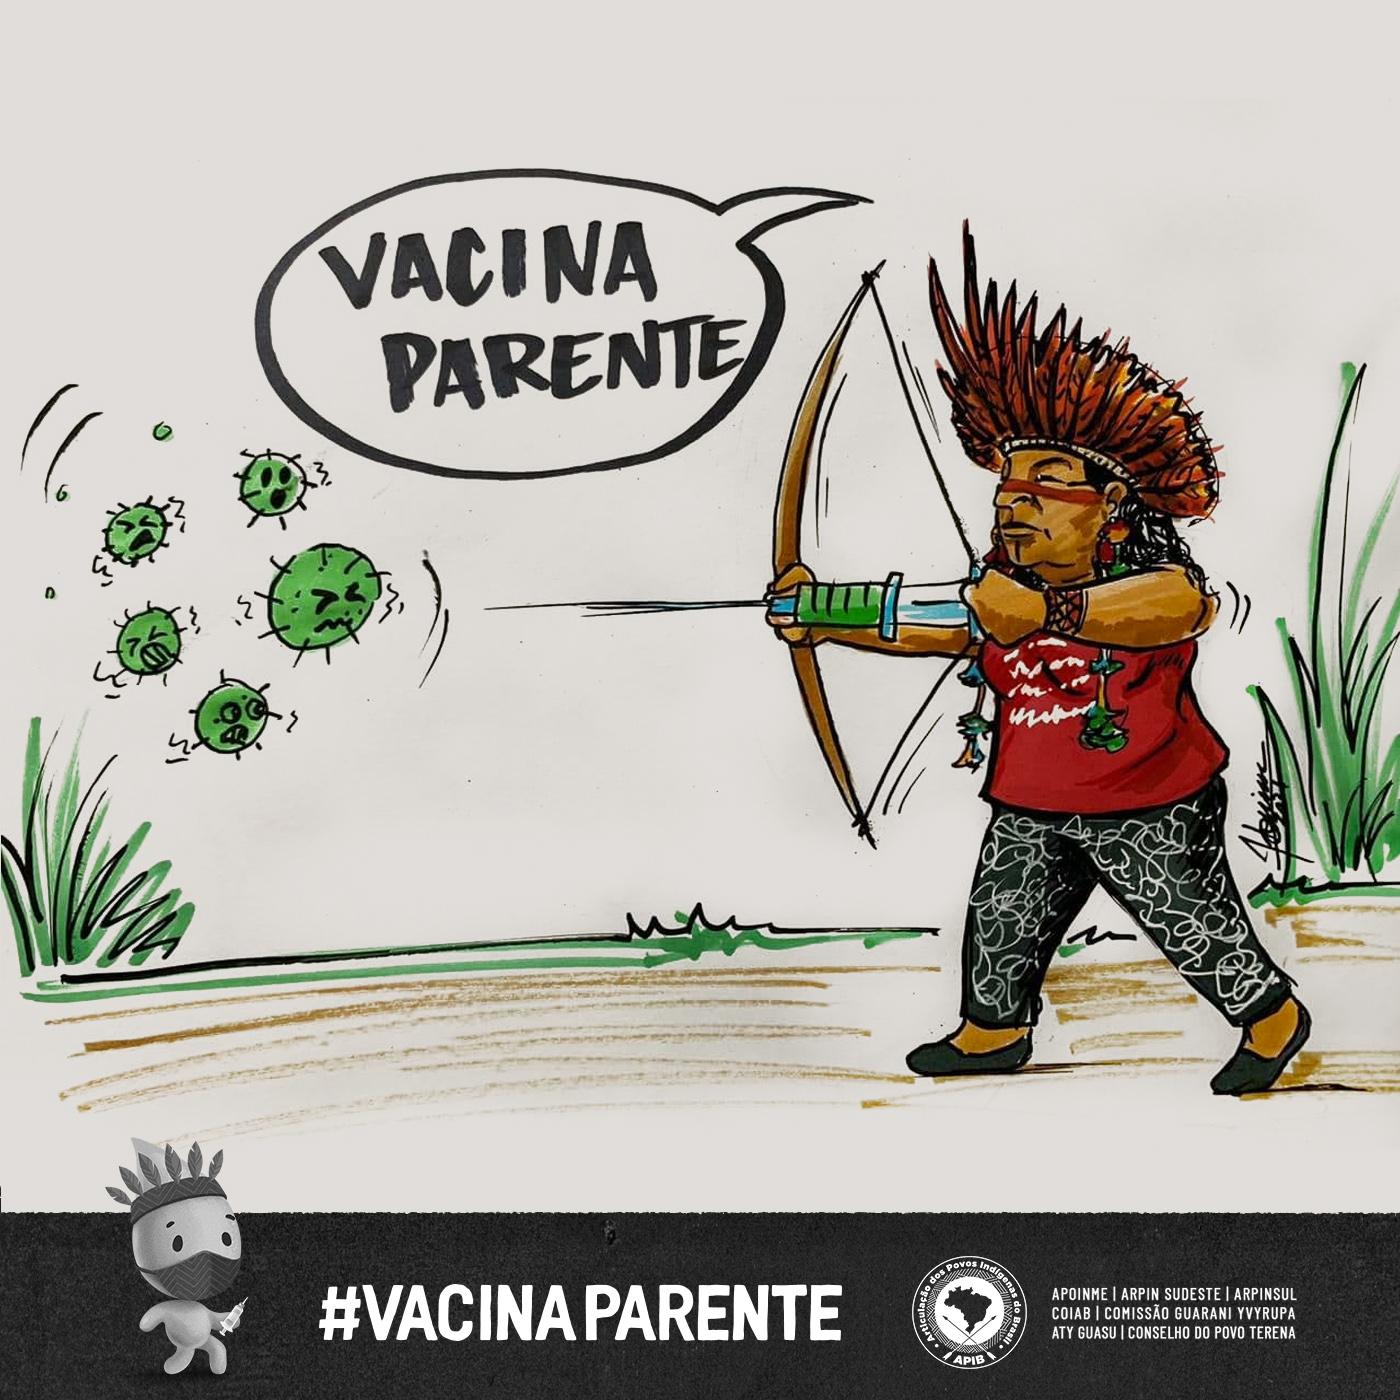 vacinaparente_cartoon4